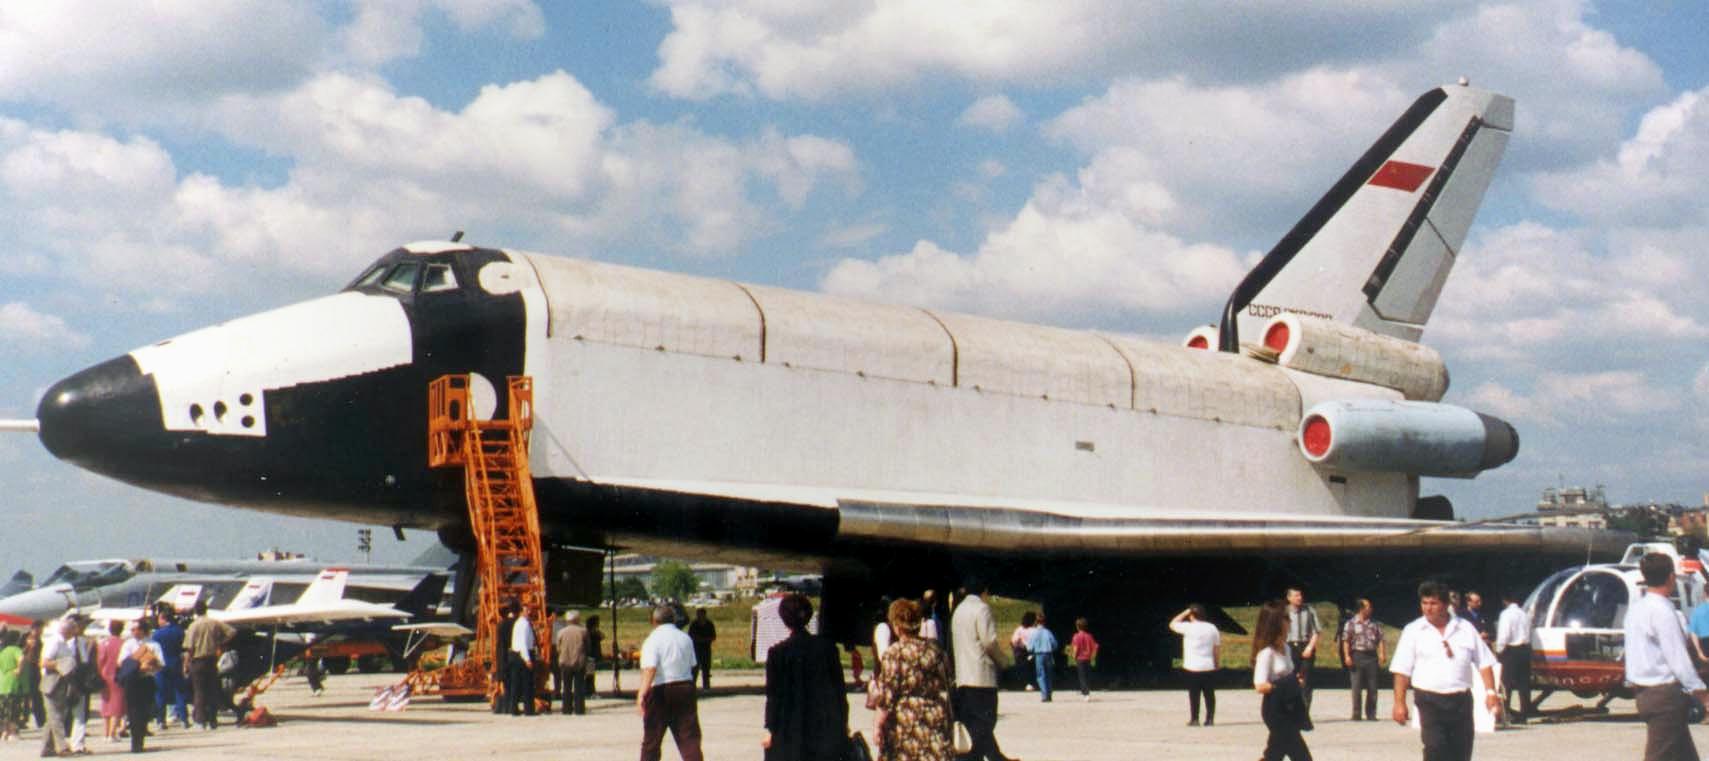 """Третий экземпляр космического корабля """"Буран"""" на аэродроме в Жуковском. Фото ©Wikipedia"""